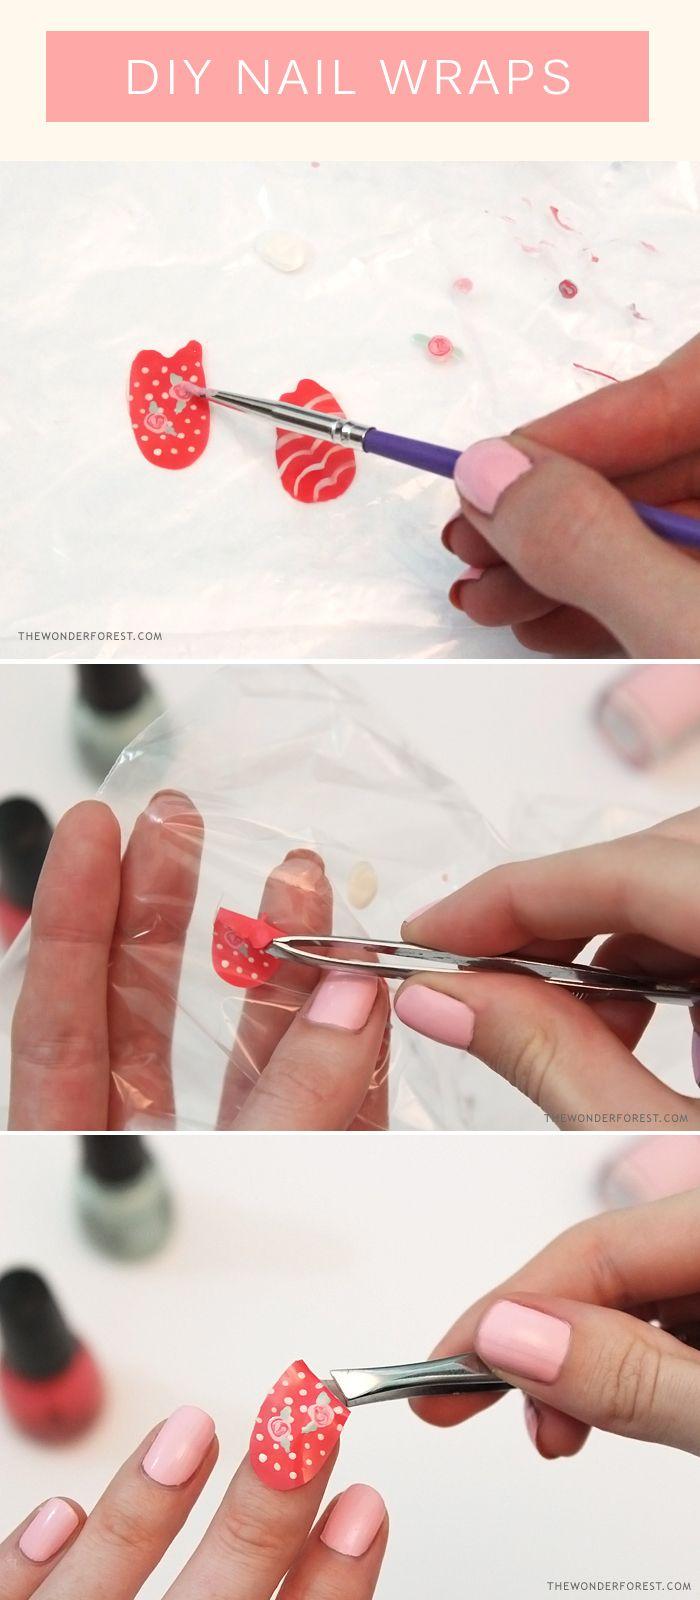 Make Your Own Nail Wraps - Make Your Own Nail Wraps Nail Wraps, Wraps And Jamberry